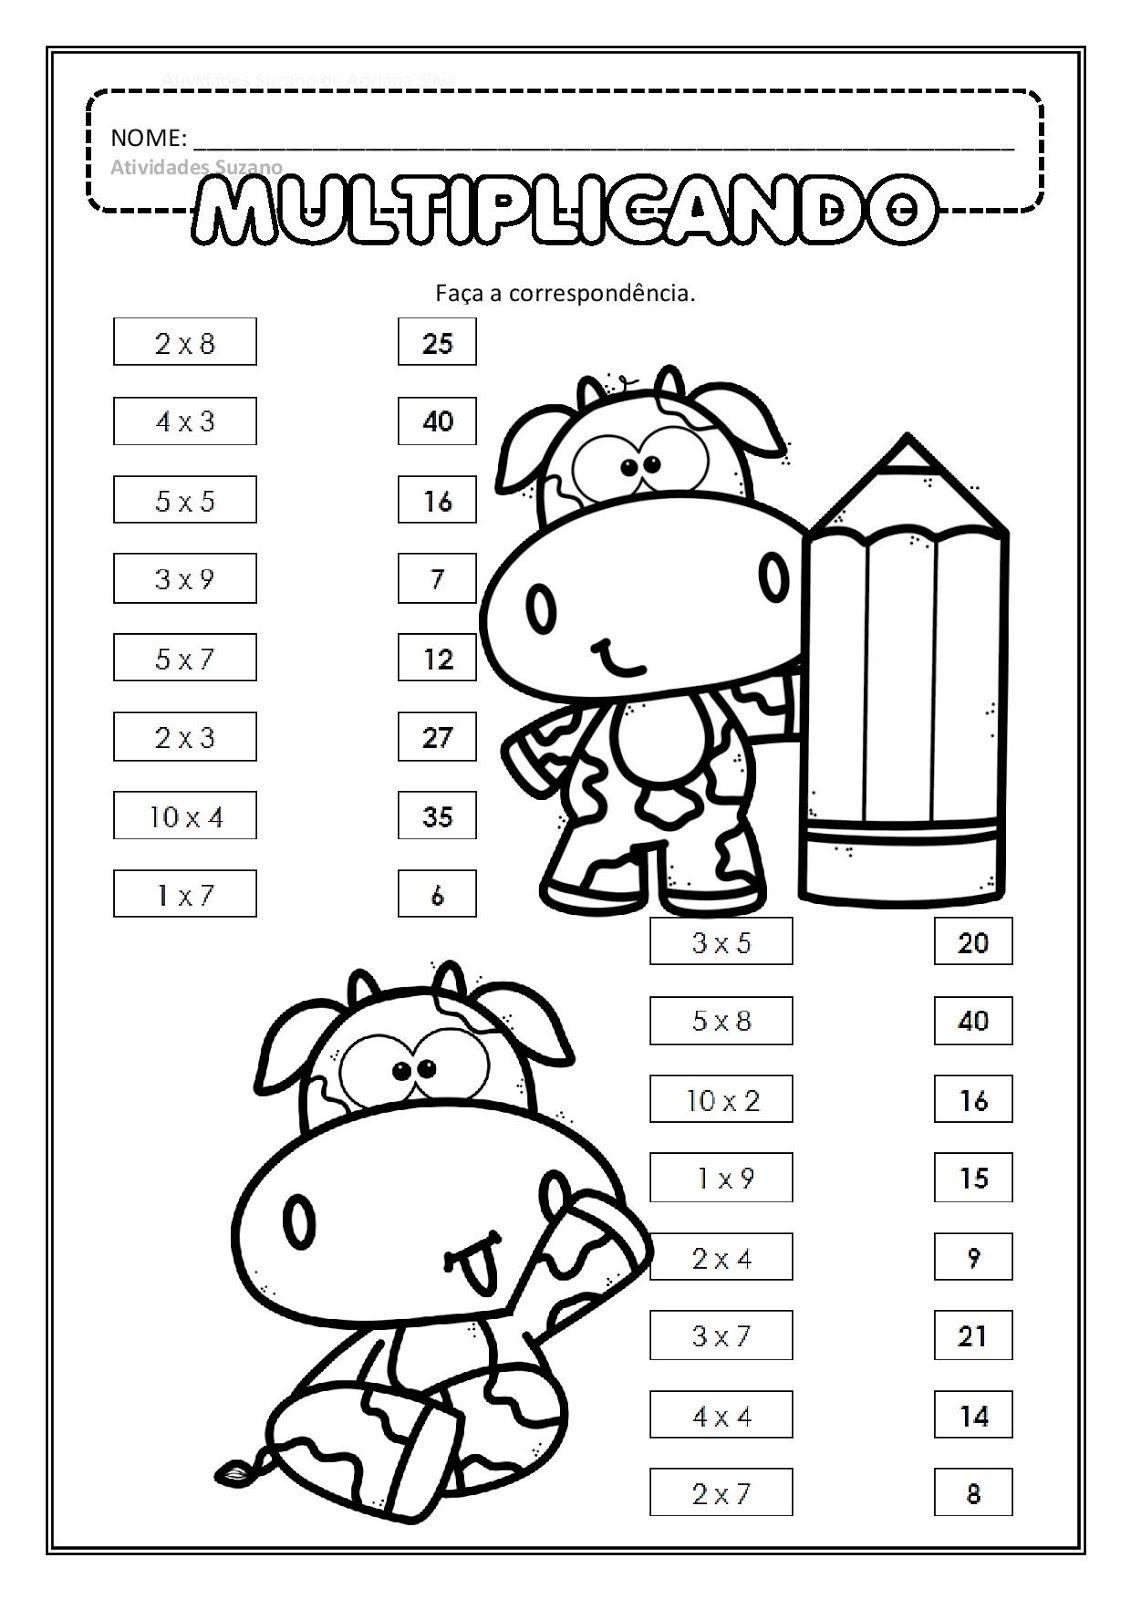 Multiplicando V C3 A1rias Atividades Page 001